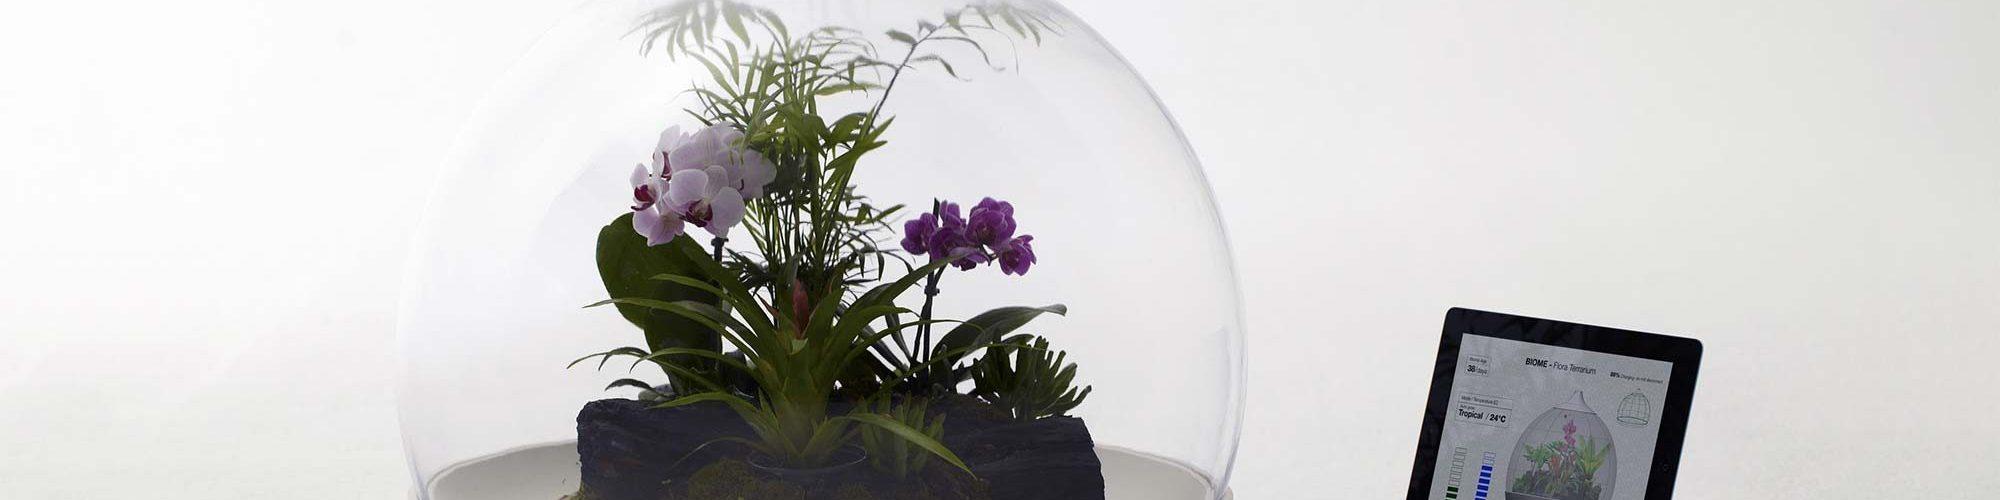 Biome flora terrarium door Samuel Wilkinson